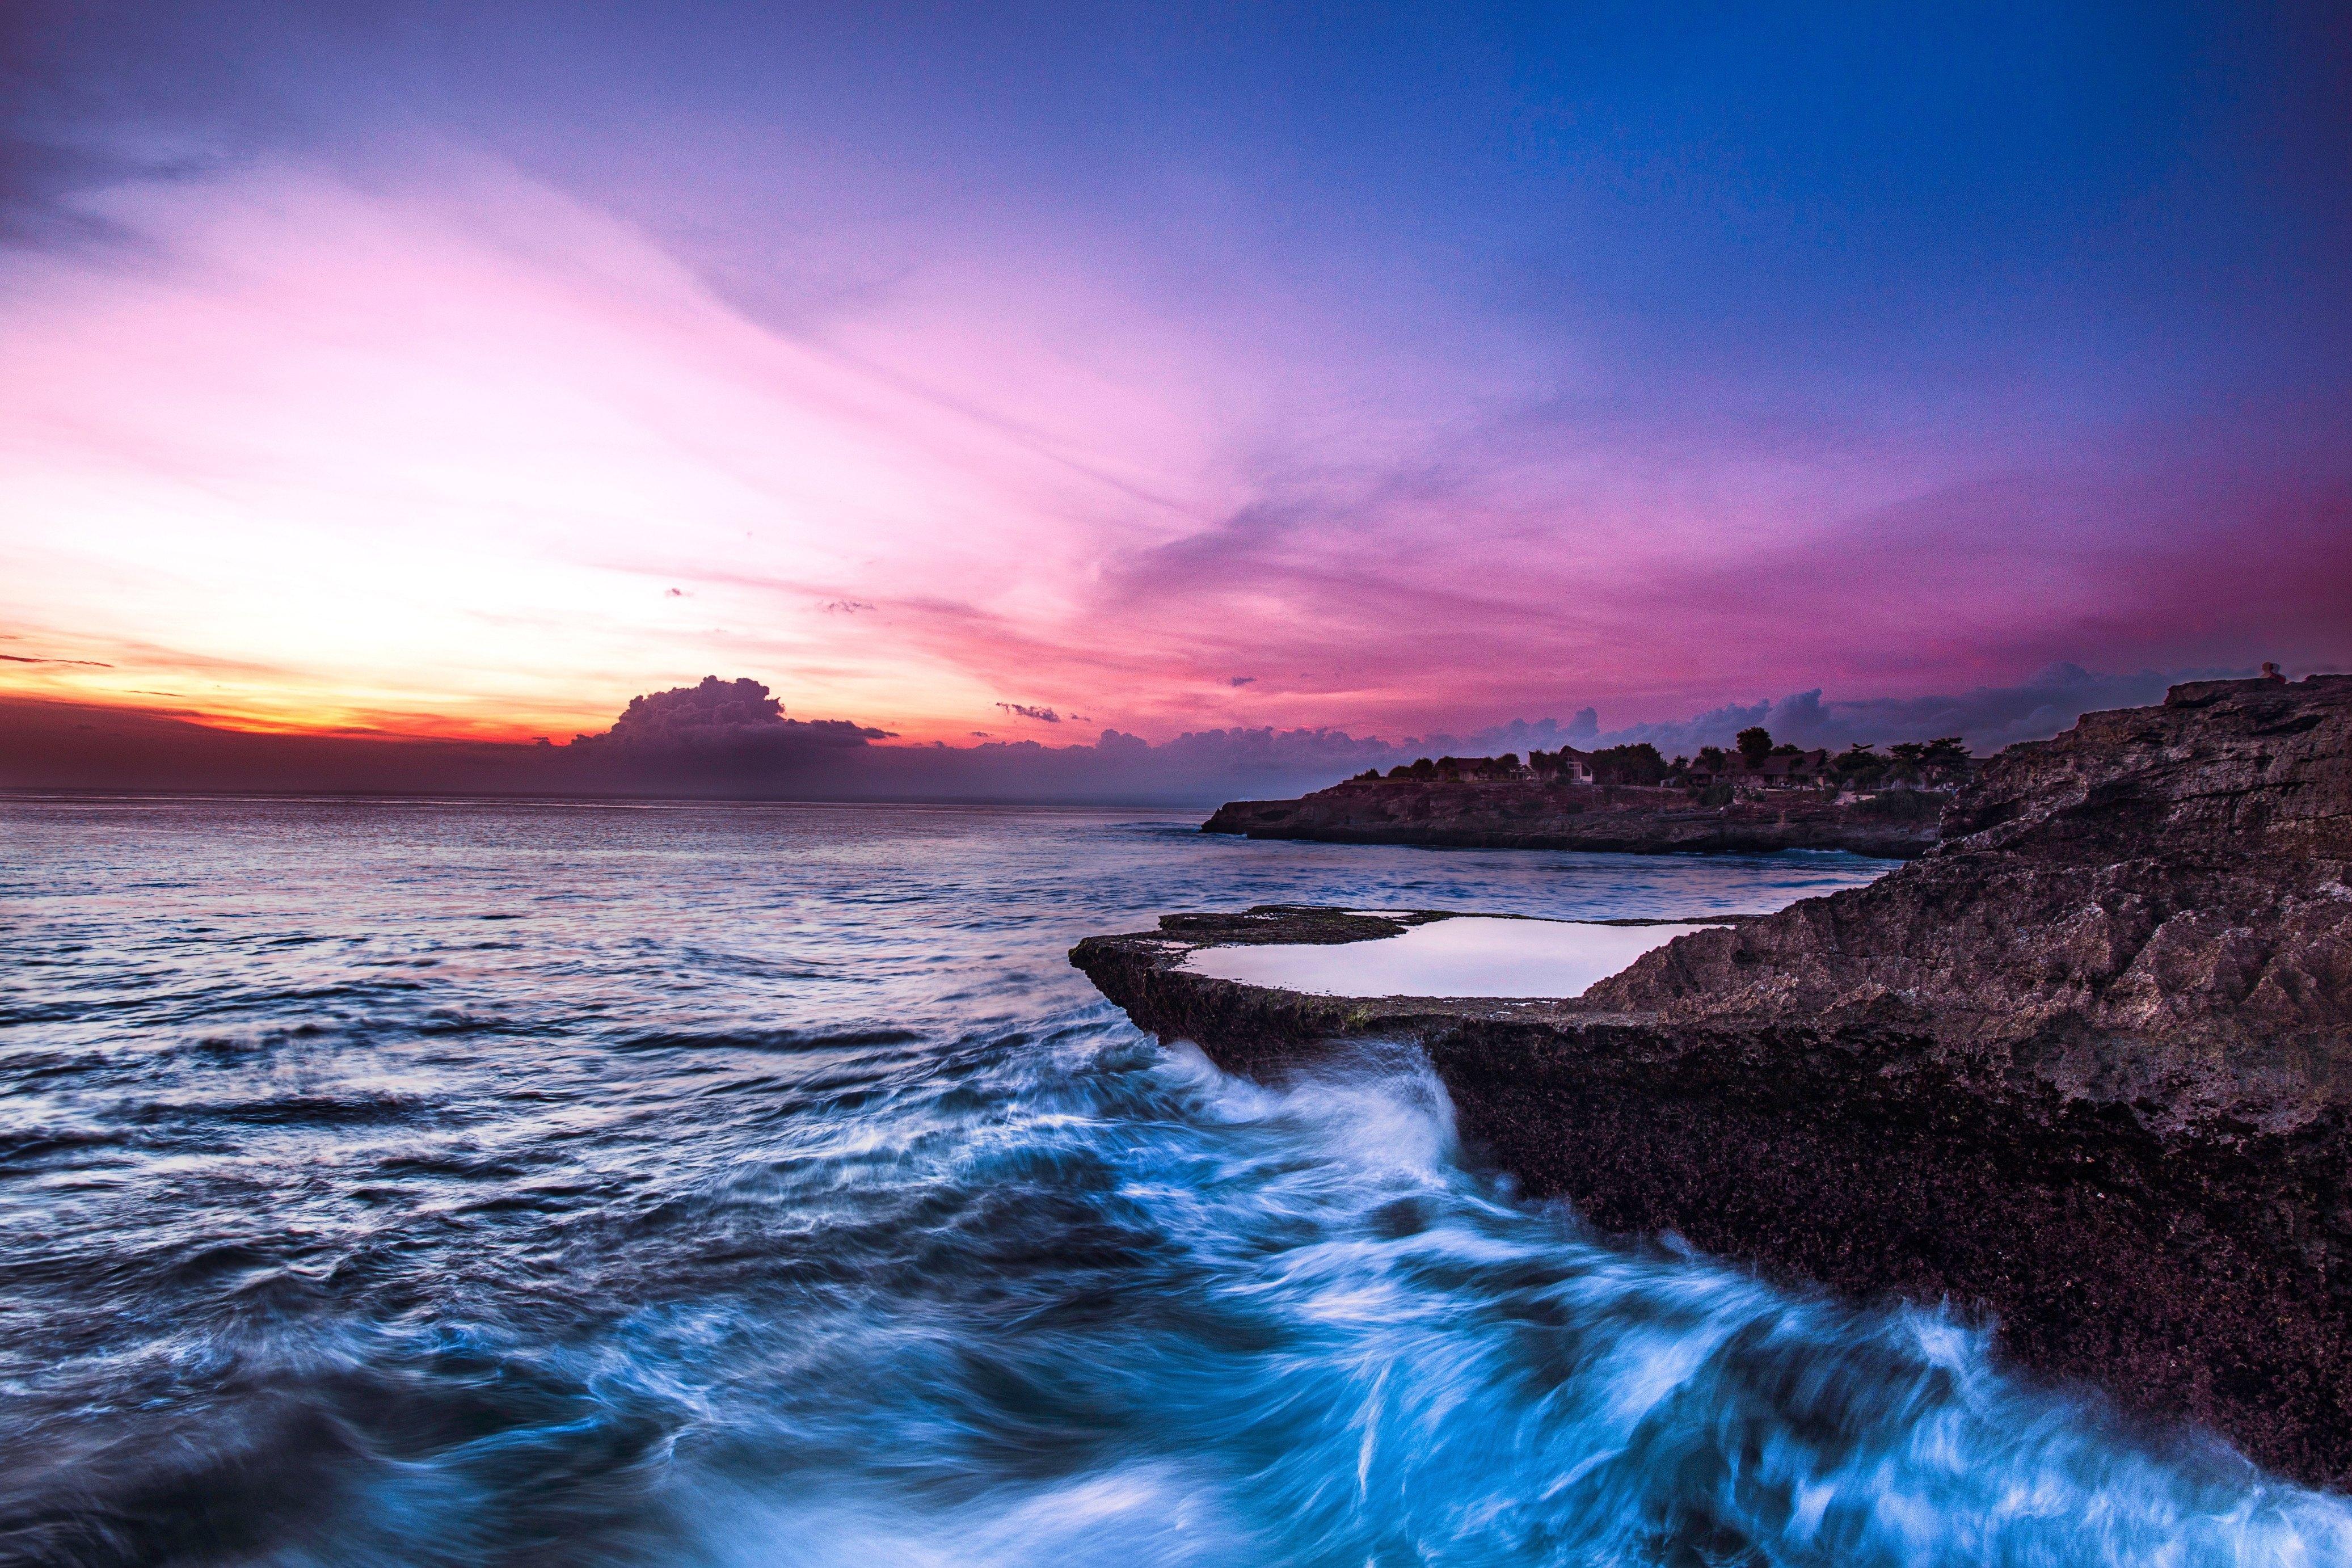 印度尼西亚巴厘岛+蓝梦岛7日5晚跟团游(5钻)·直飞+海边国5+喜来登下午茶+蓝梦岛海底漫步